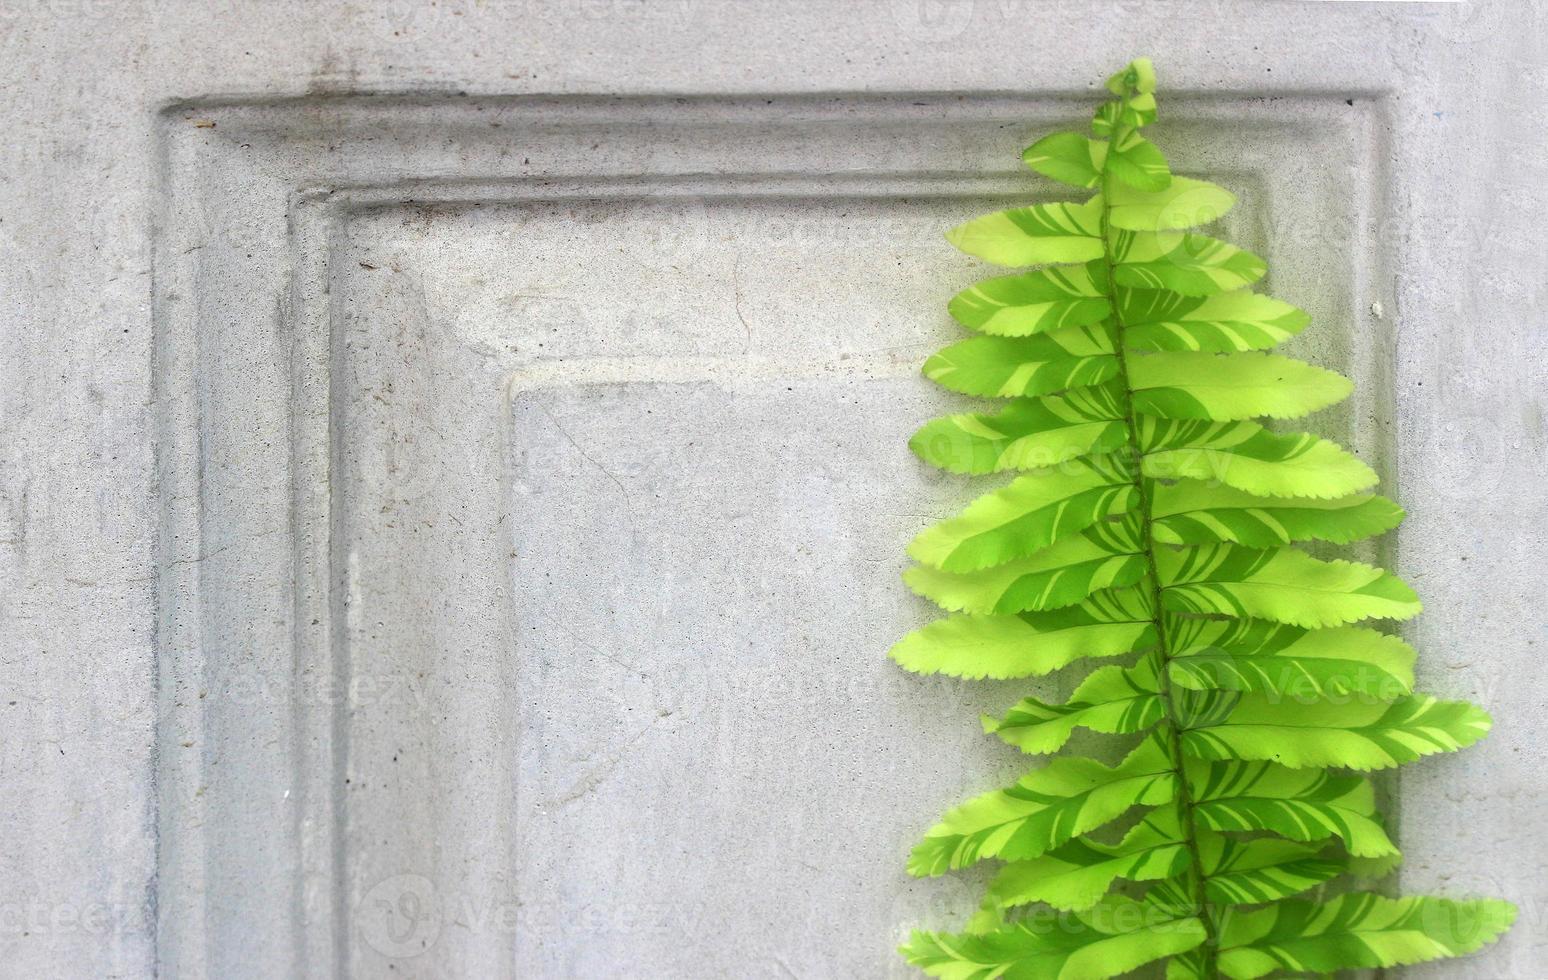 hojas de helecho en muro de hormigón foto